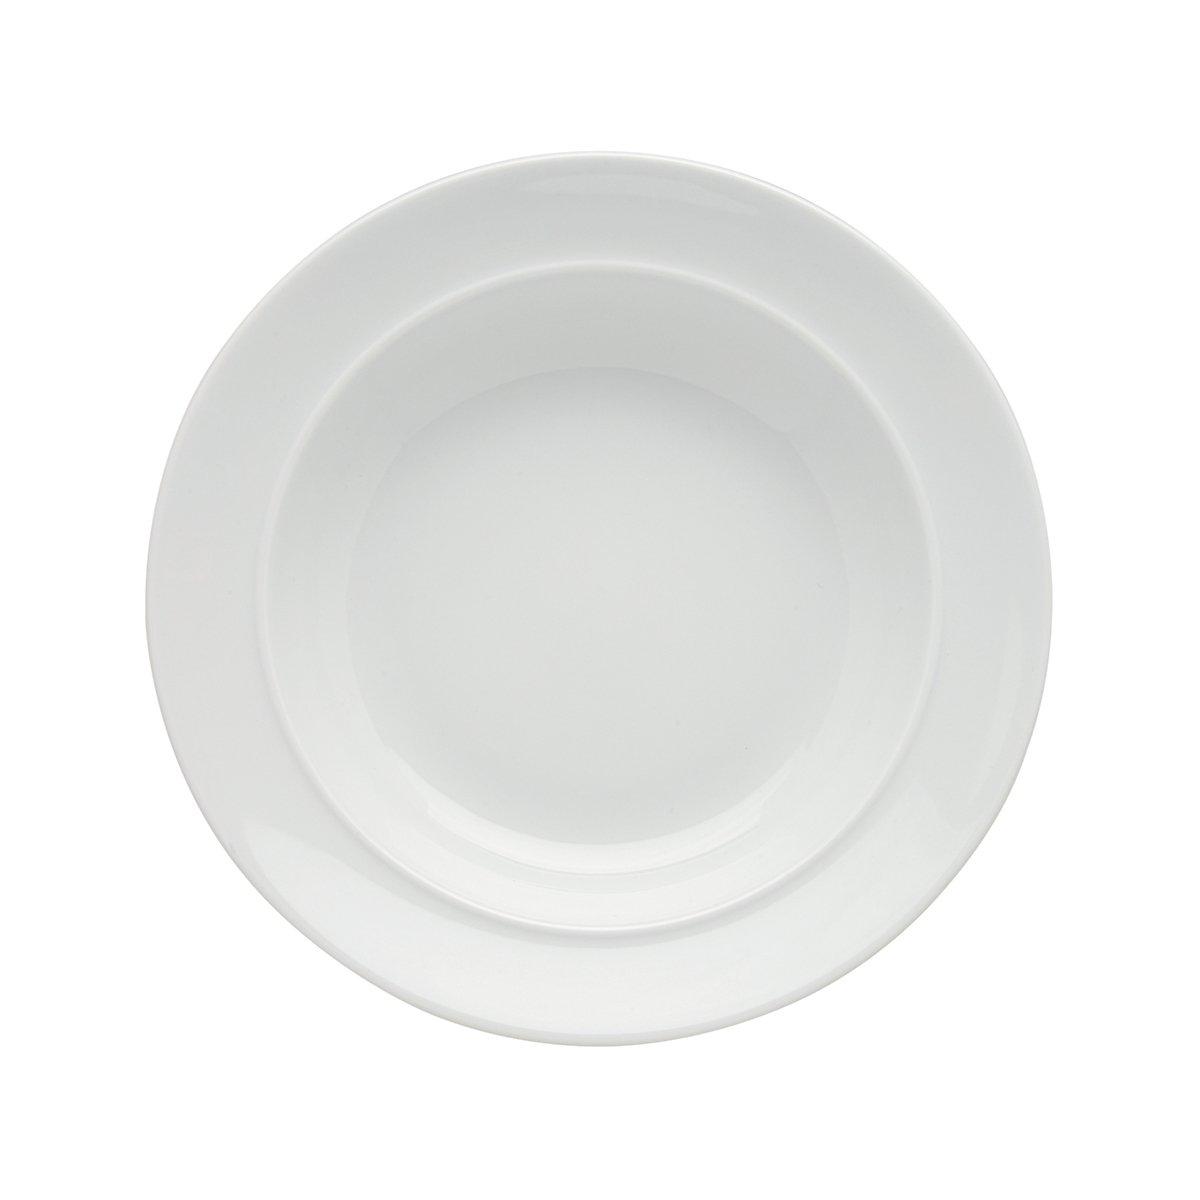 Dansk Café Blanc Soup/Cereal Bowl